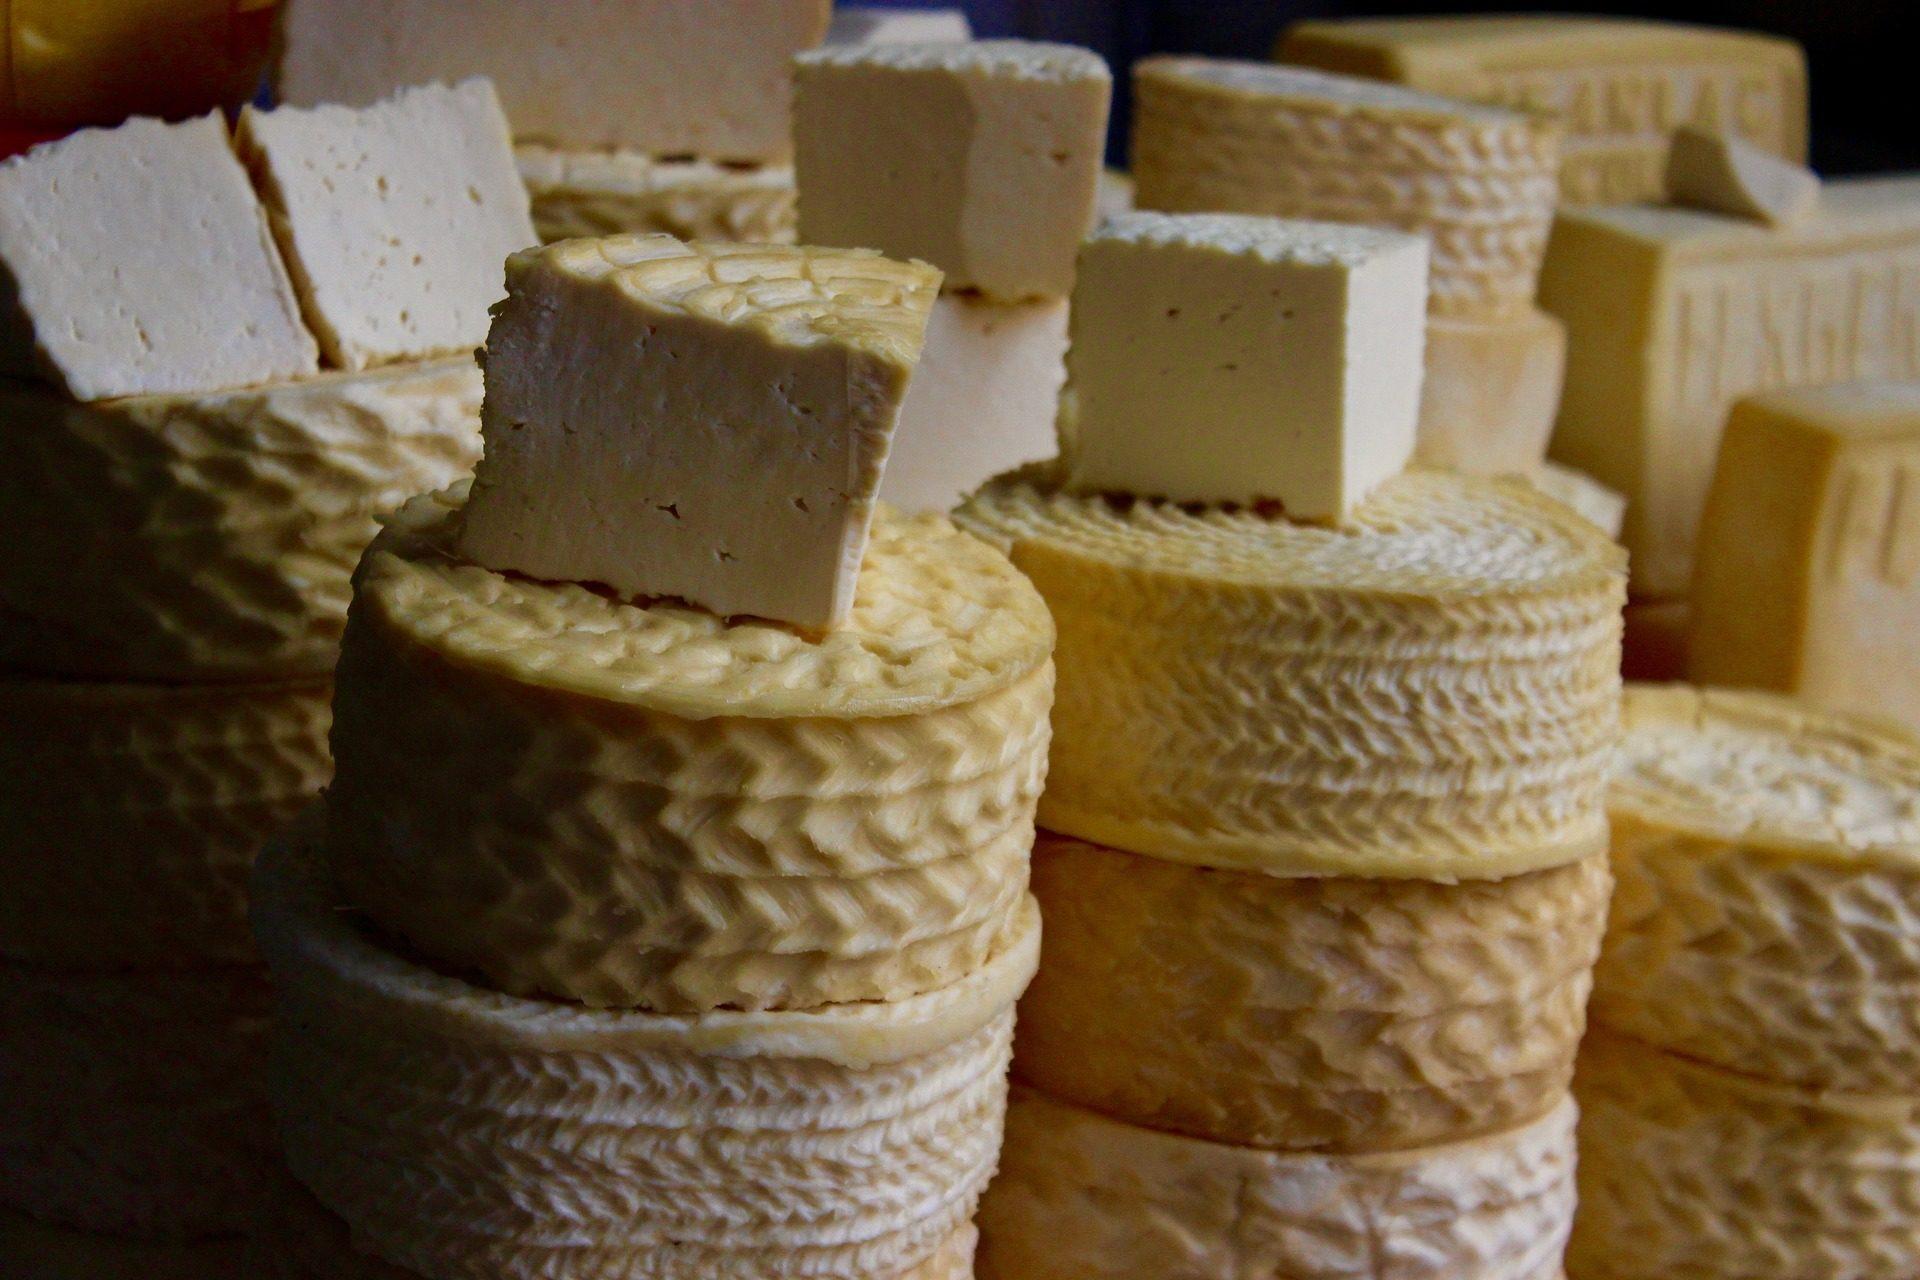 сыр, Ремесла, ферментация, payoyos, лечение - Обои HD - Профессор falken.com